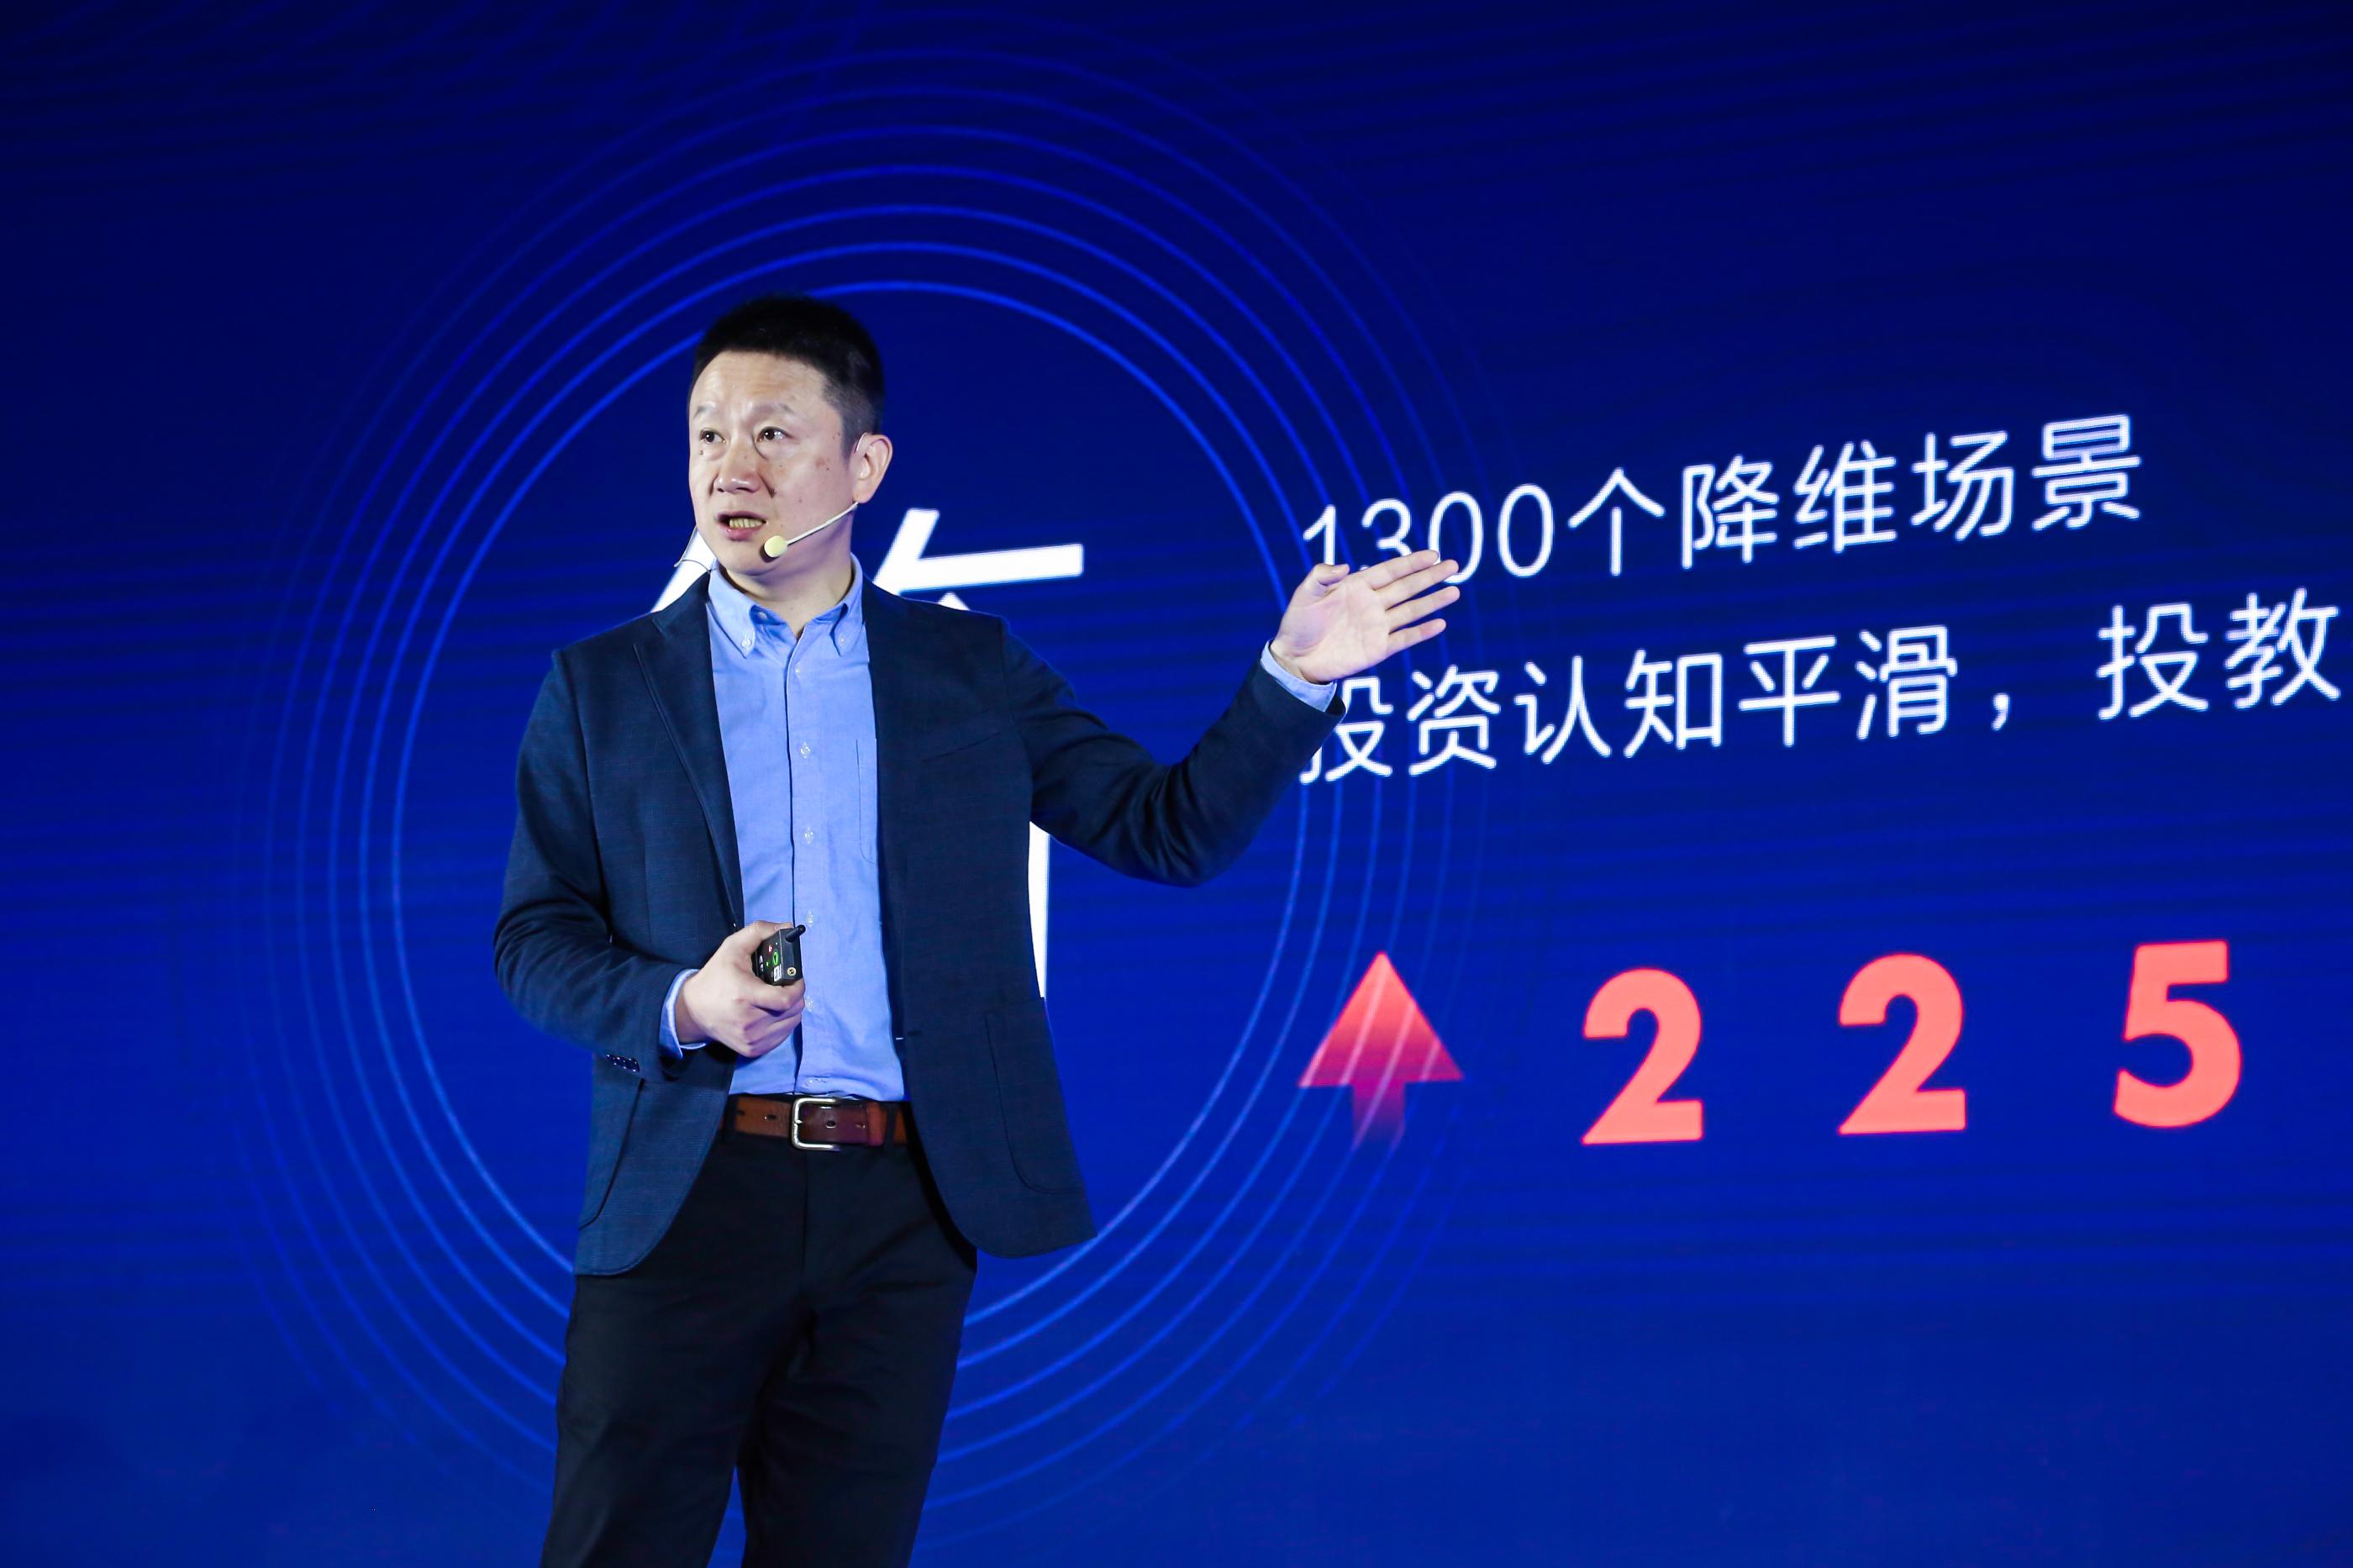 80家基金公司入驻支付宝 黄浩:AI让理财人货场重构_财富